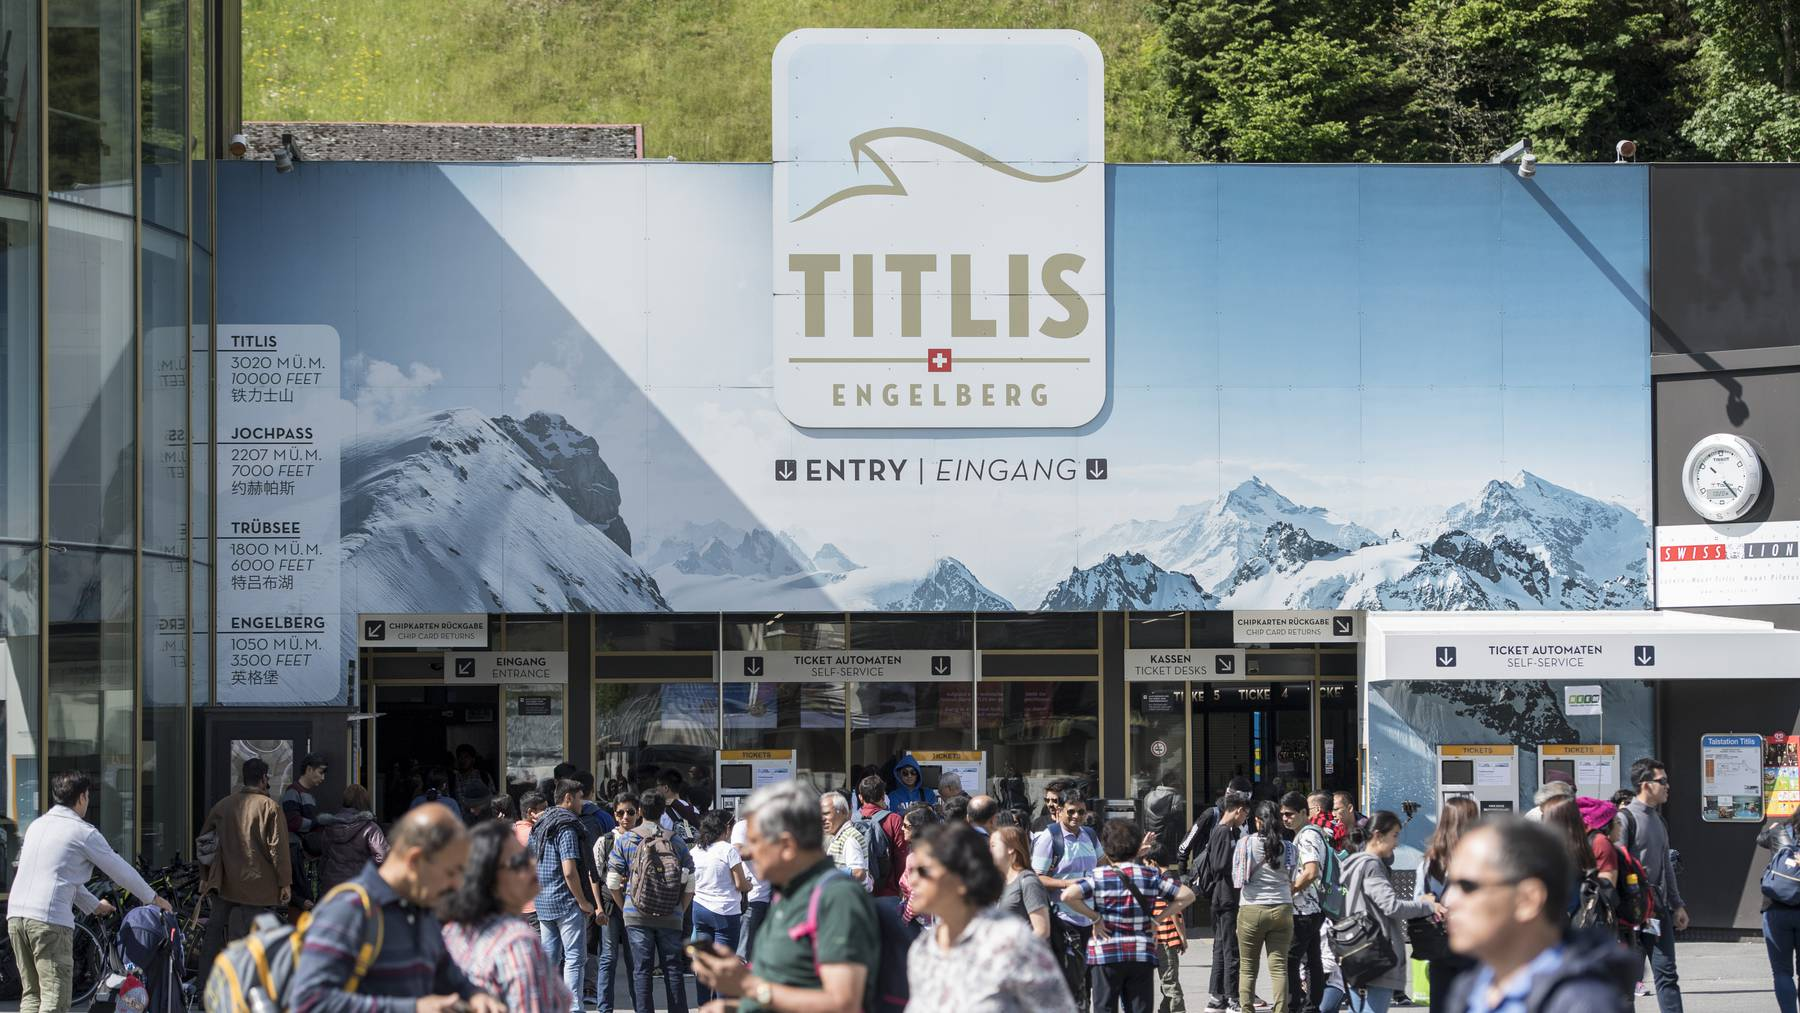 Diesen Sommer wird es wenig internationale Touristen geben, die auf den Titlis gehen werden.